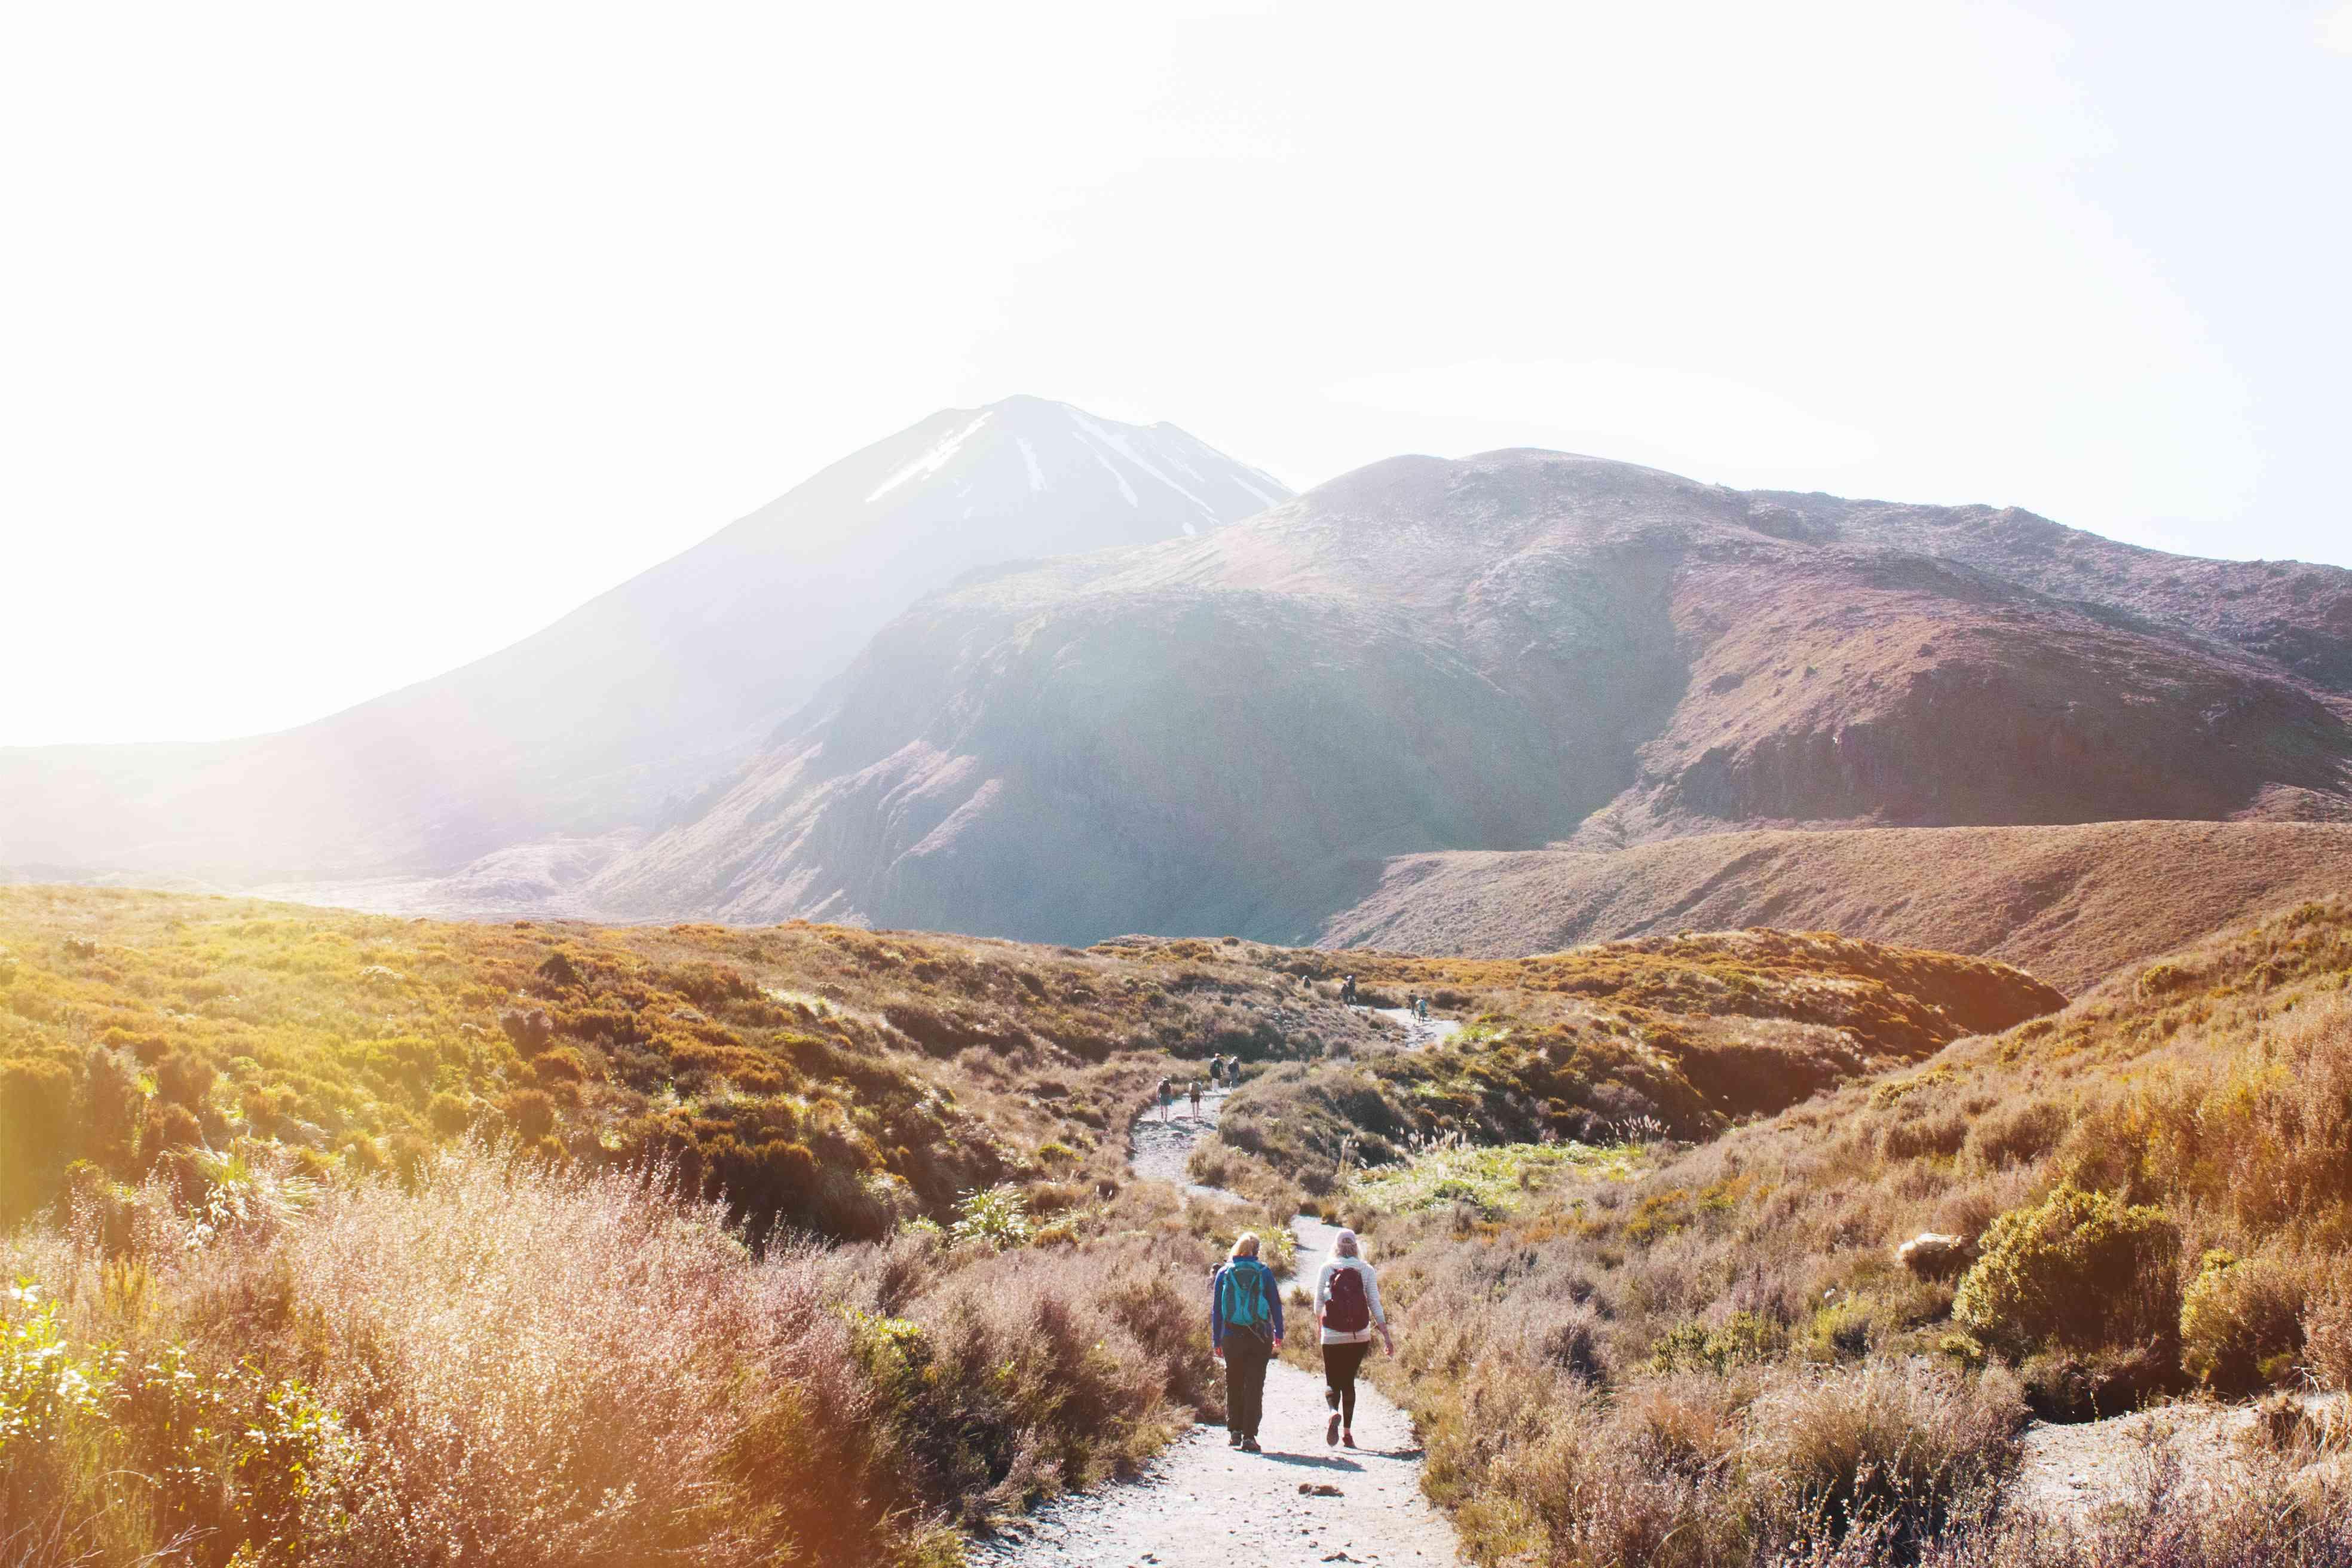 People walking down the path to Tongariro